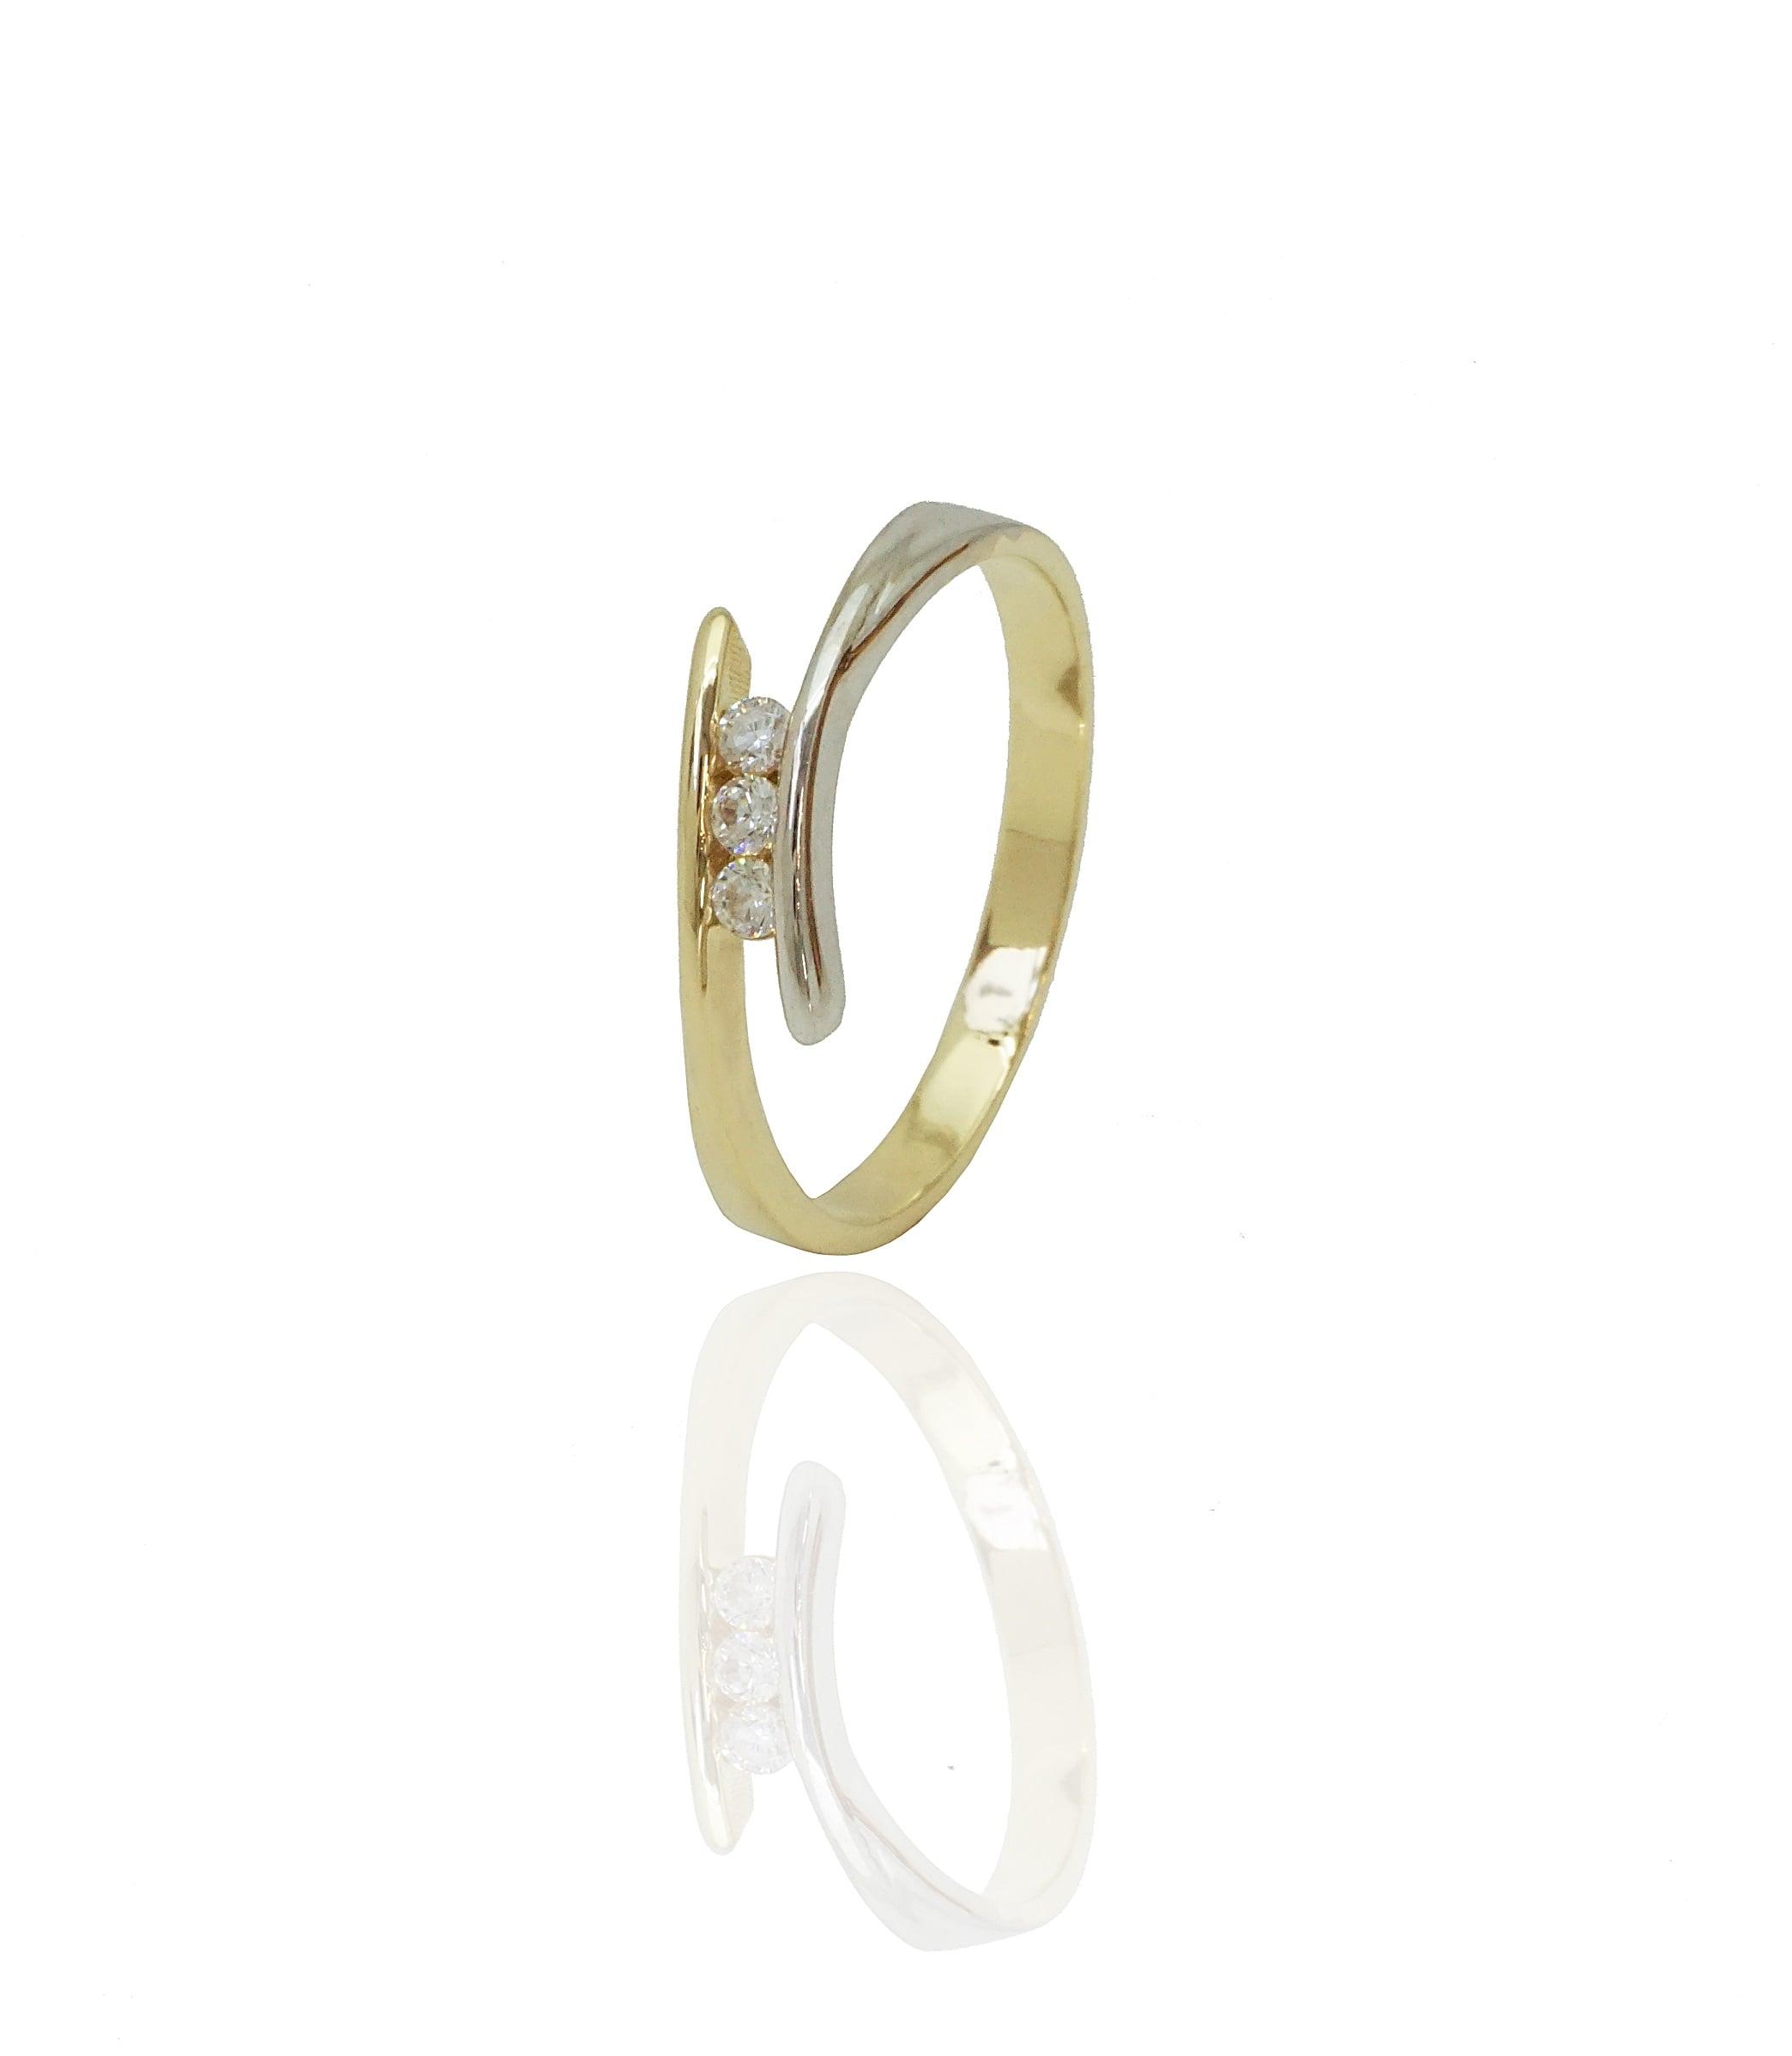 טבעת משולבת זהב צהוב ולבן עם זרקונים נוצצים